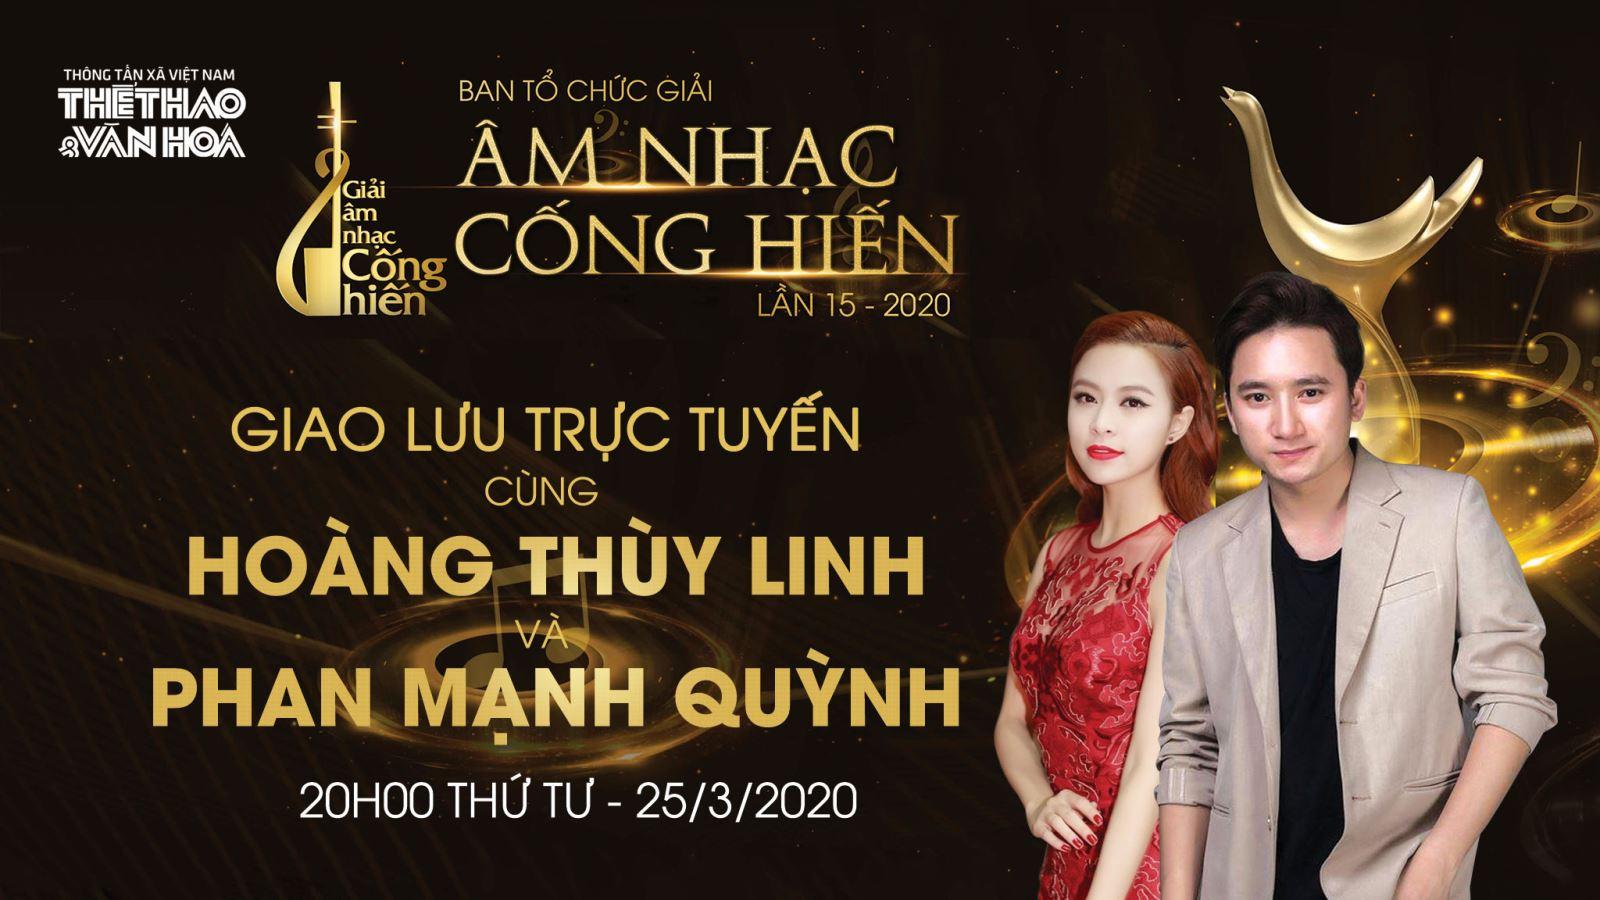 [TRỰC TIẾP] Giao lưu với Ca sĩ Hoàng Thuỳ Linh, Nhạc sĩ Phan Mạnh Quỳnh về giải Cống hiến